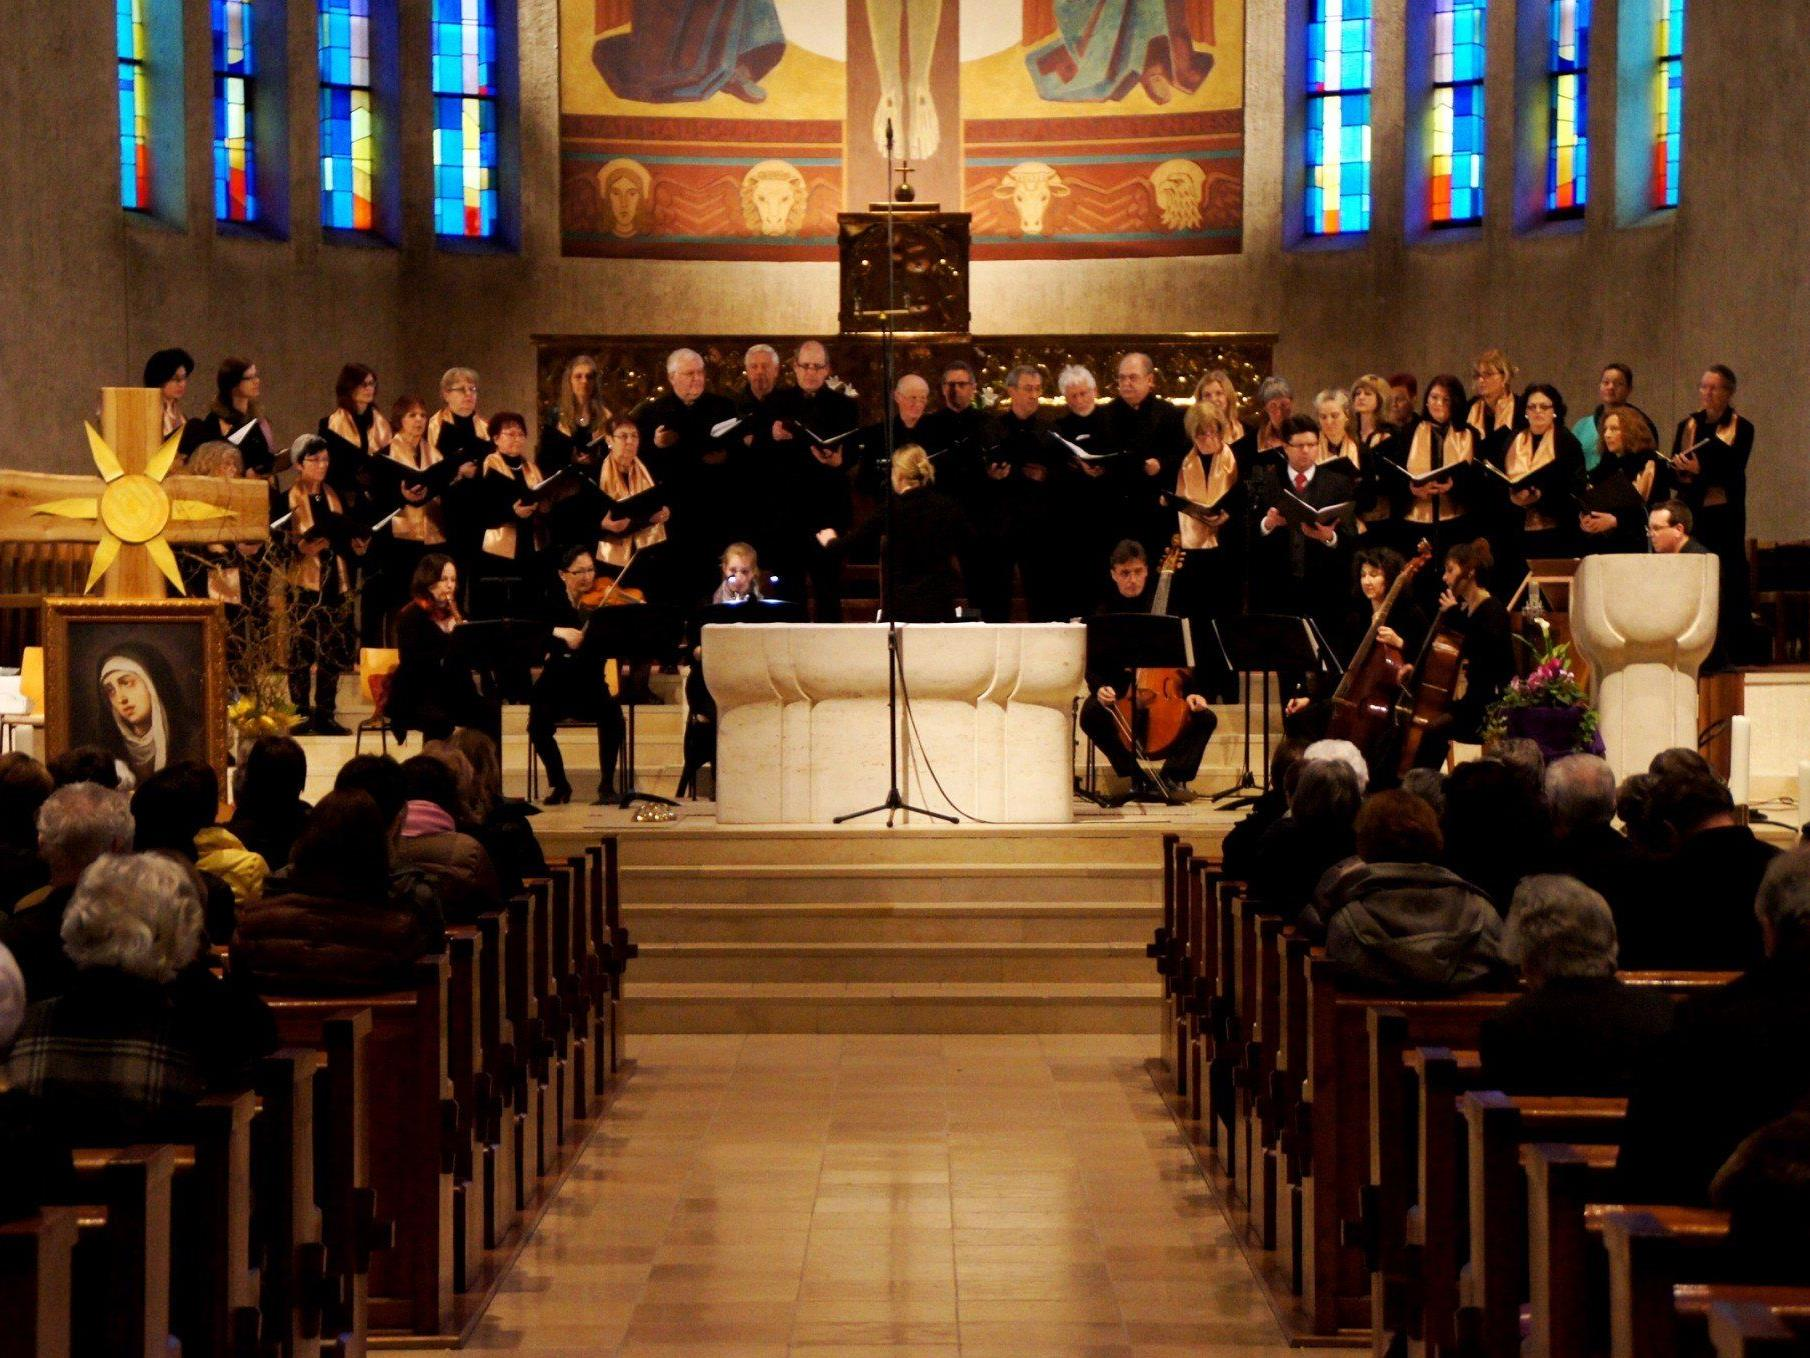 Chor und Orchester harmonierten perfekt!